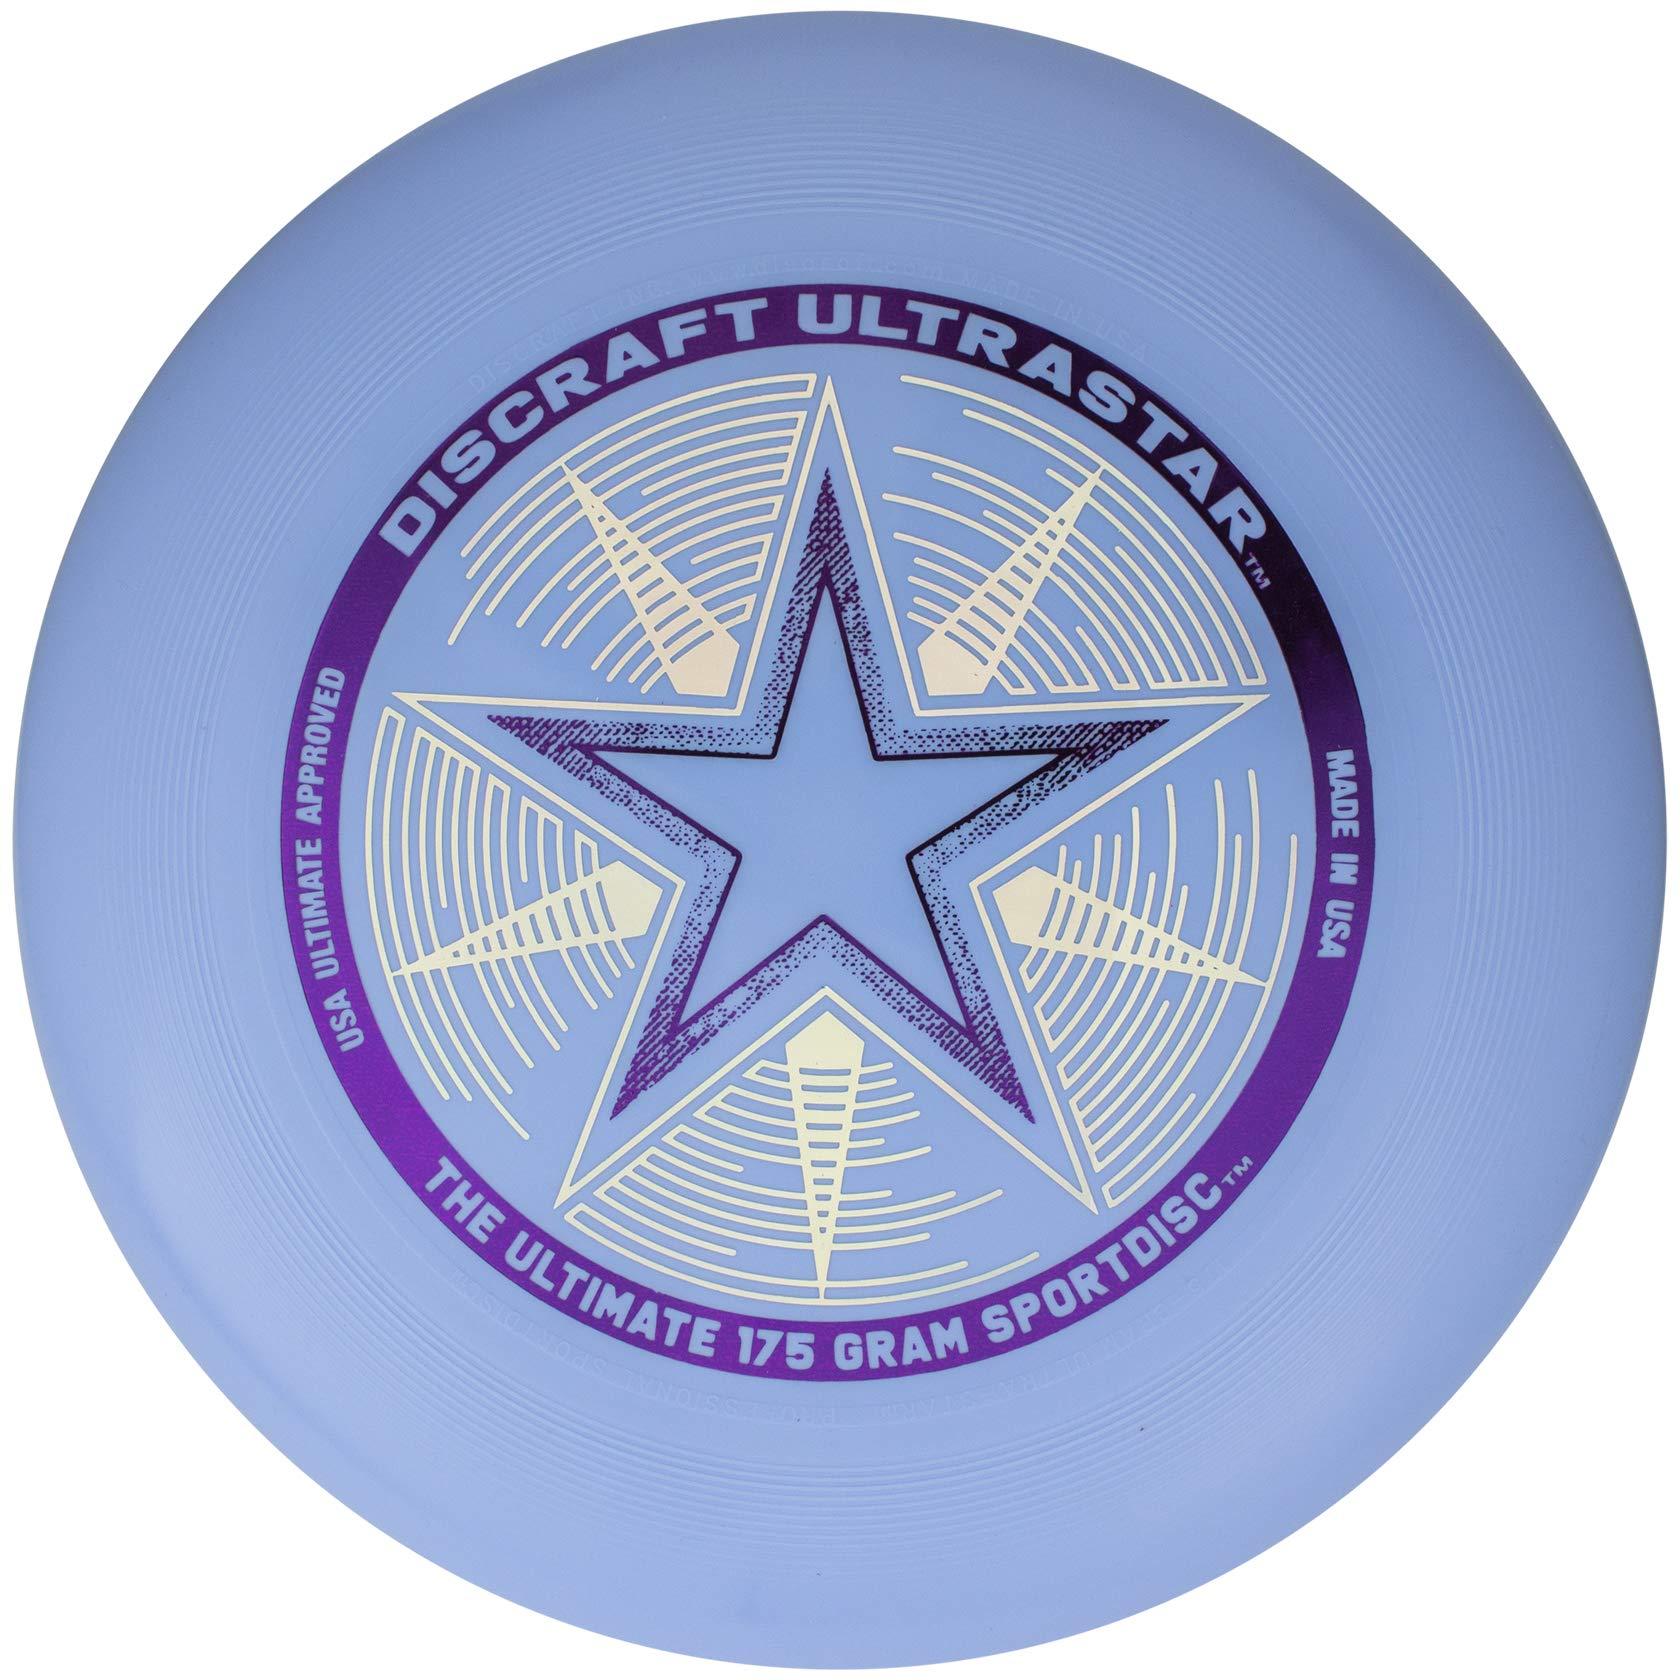 Discraft 175 gram Ultra Star Sport Disc, Light Blue by Discraft